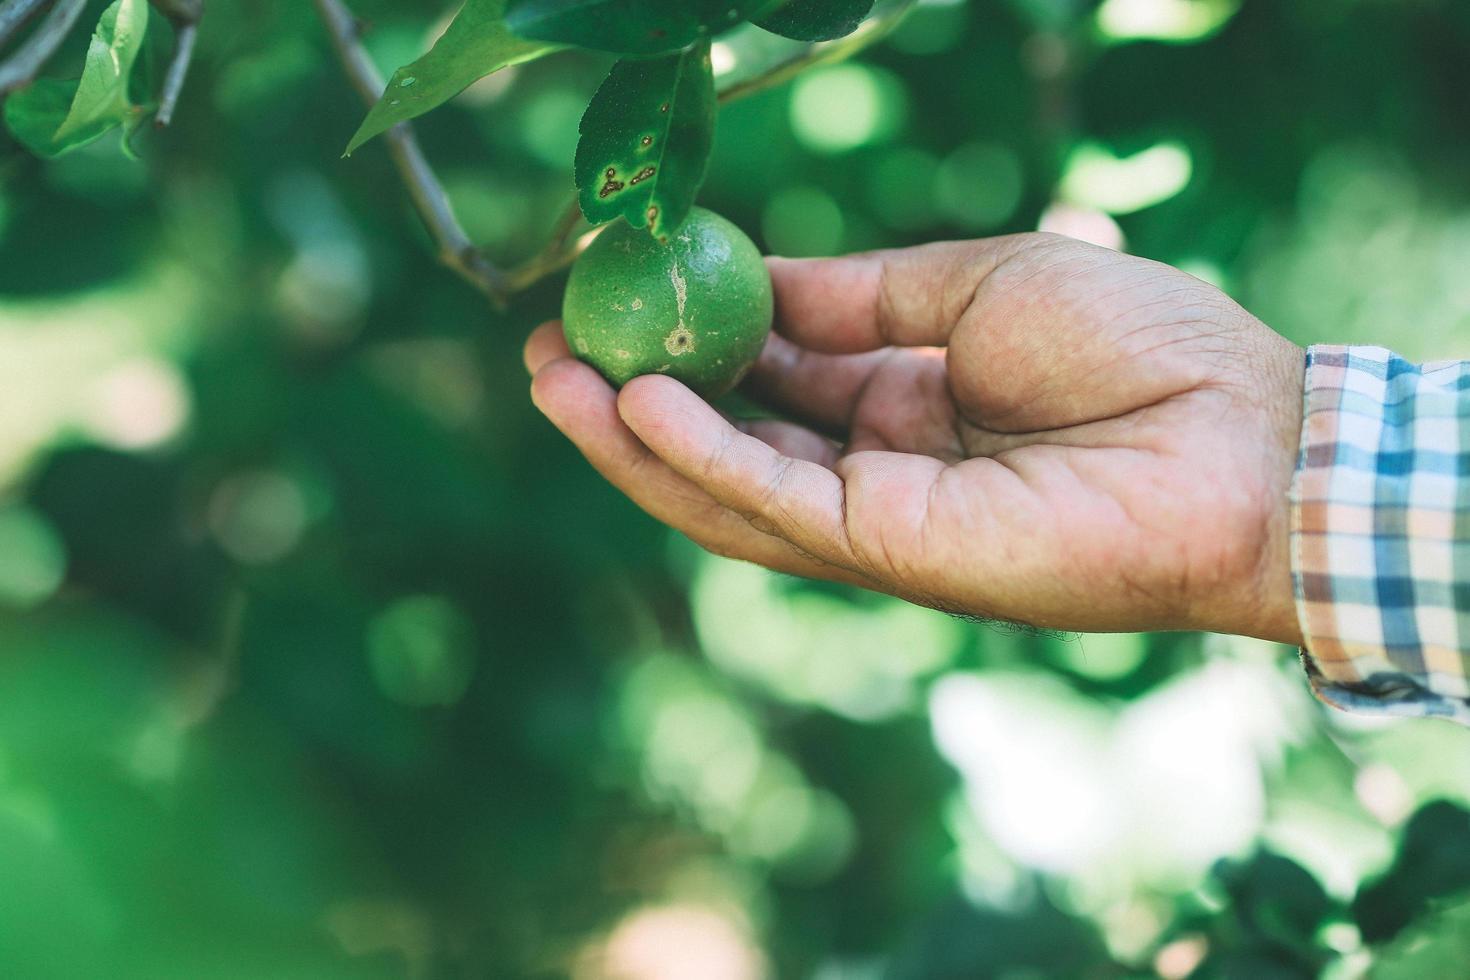 El jardinero recogiendo limones en el jardín. foto